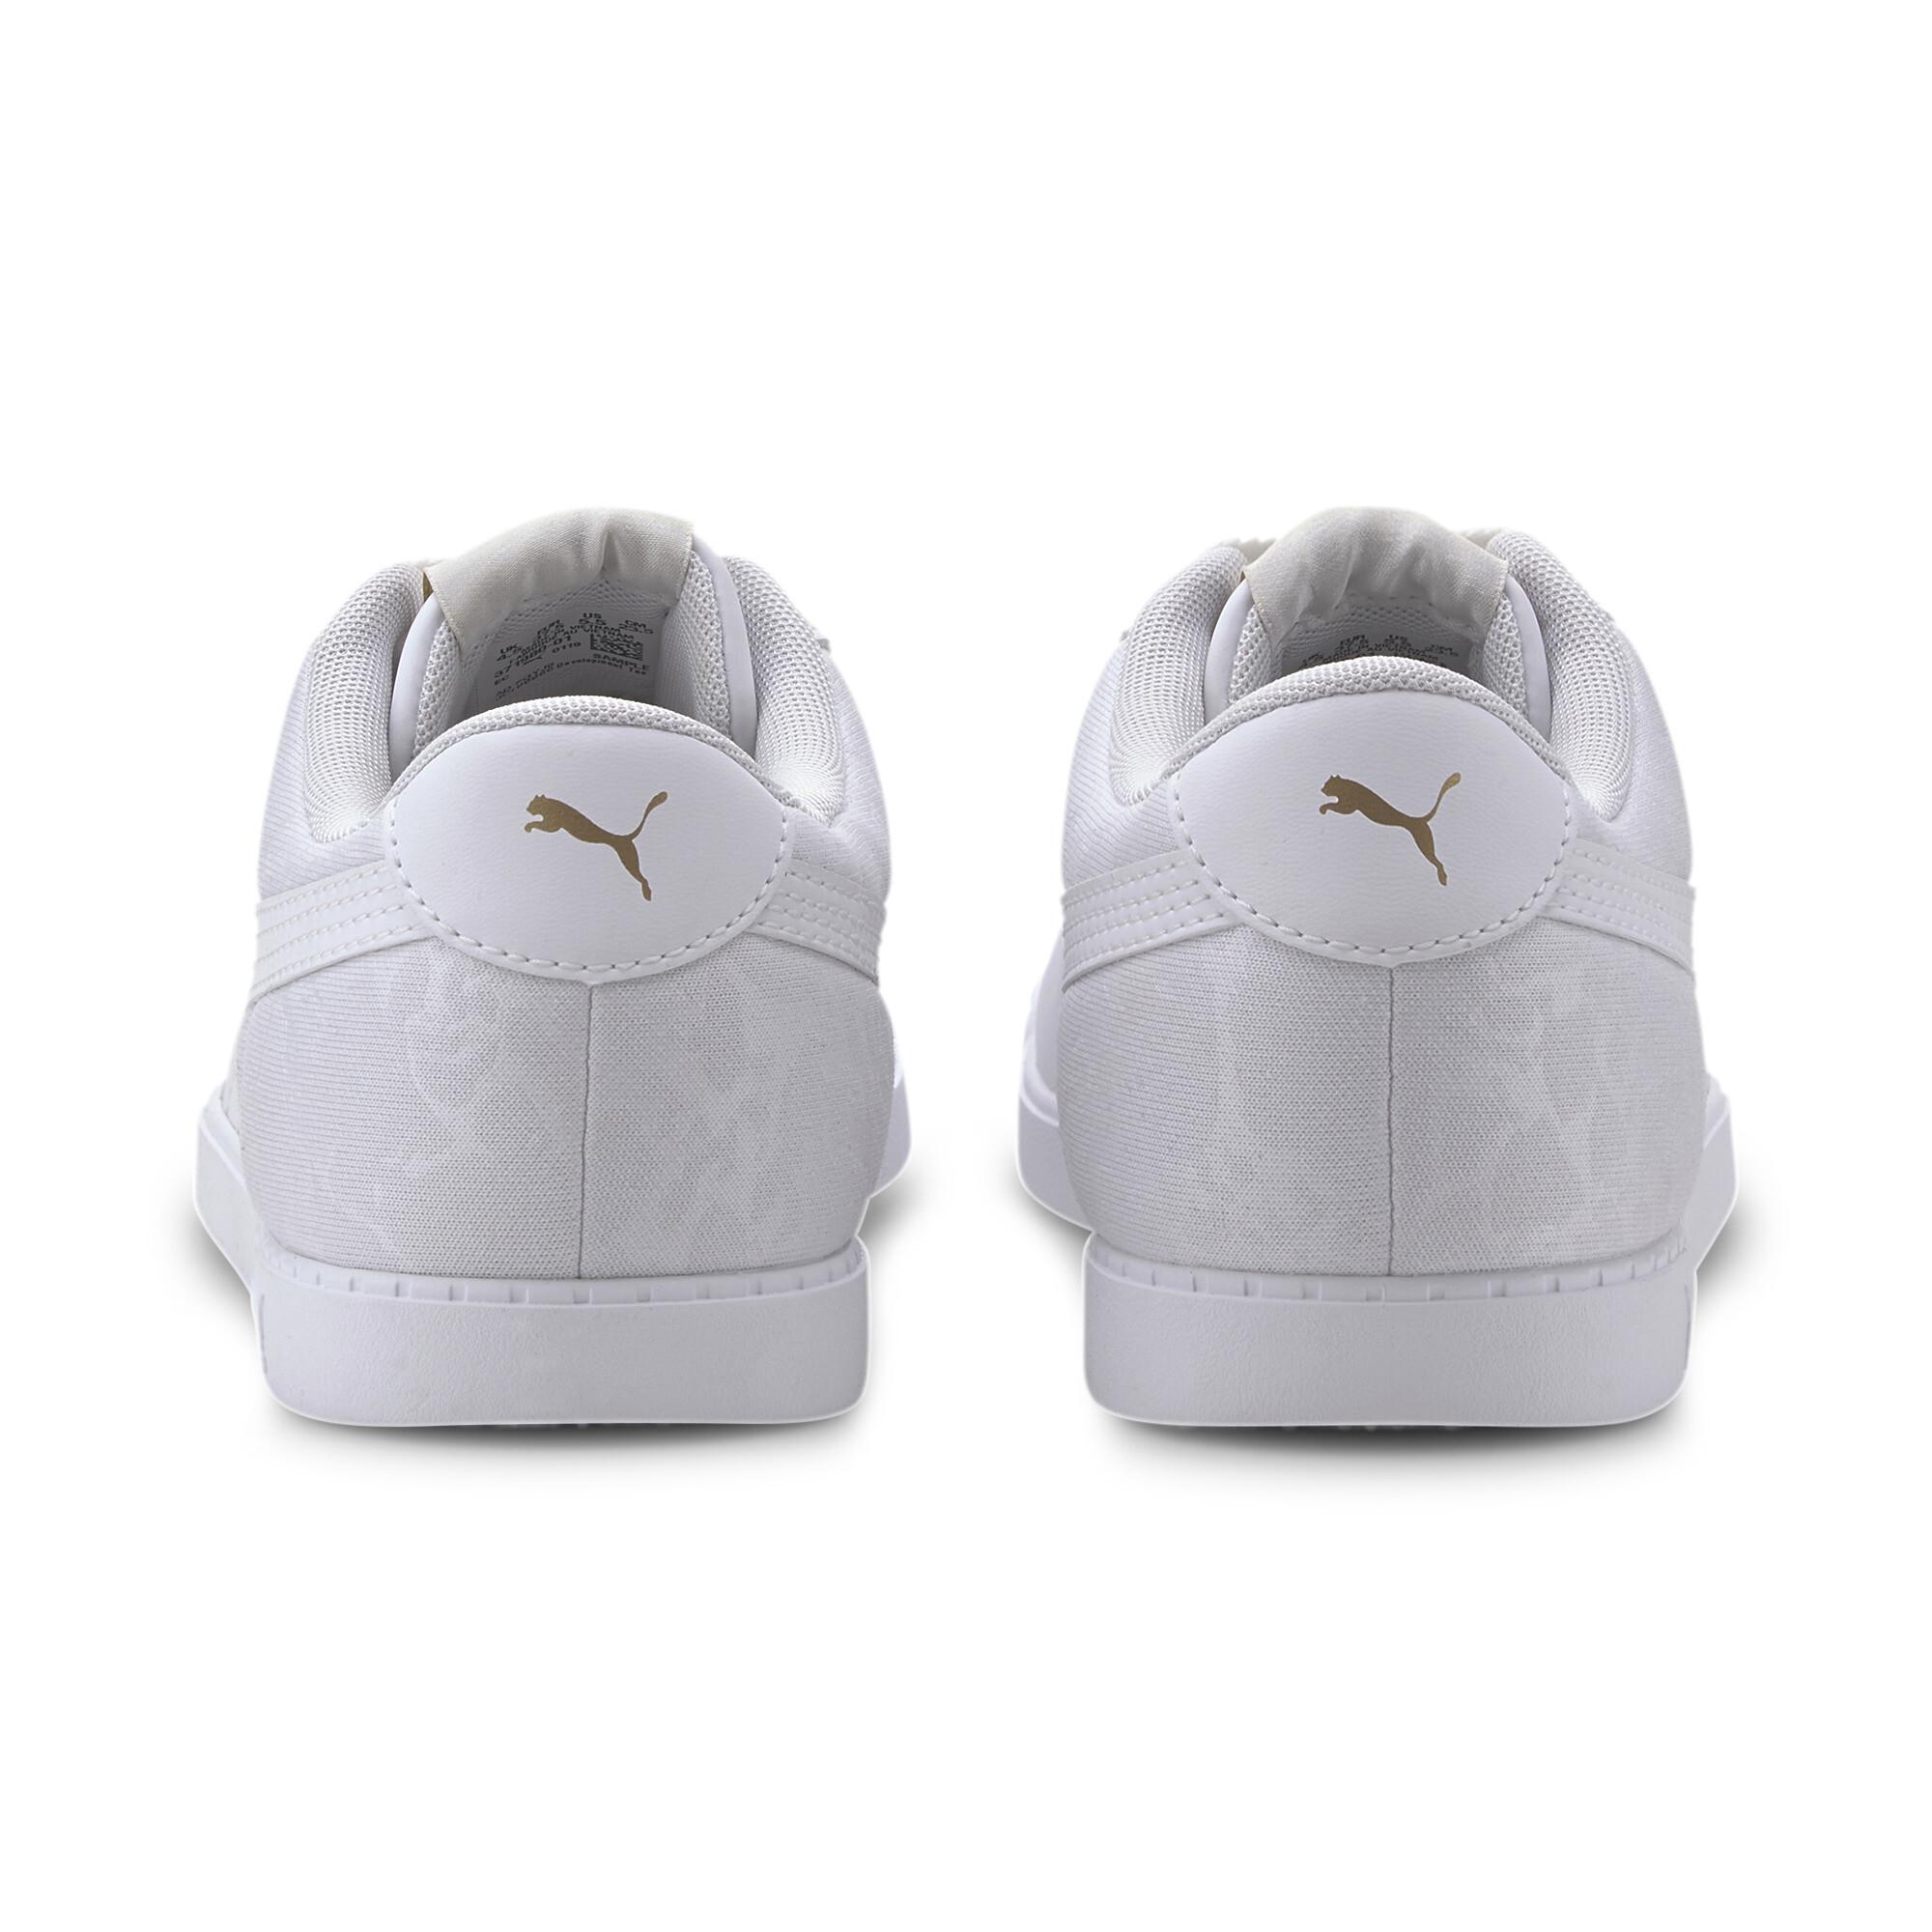 PUMA-Women-039-s-Carina-Slim-Veil-Sneakers thumbnail 3